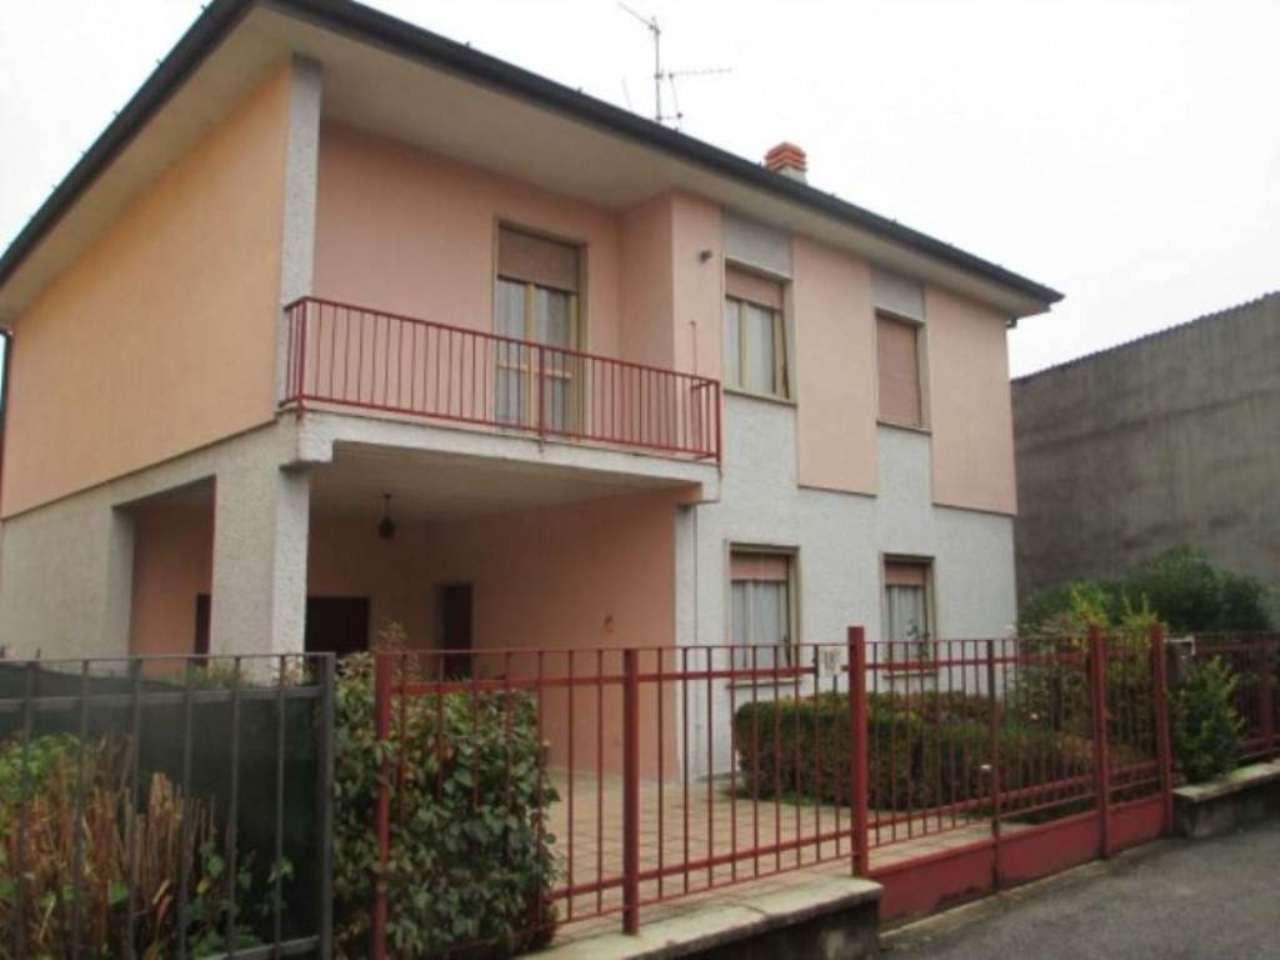 Villa in vendita a Soresina, 6 locali, prezzo € 160.000 | Cambio Casa.it